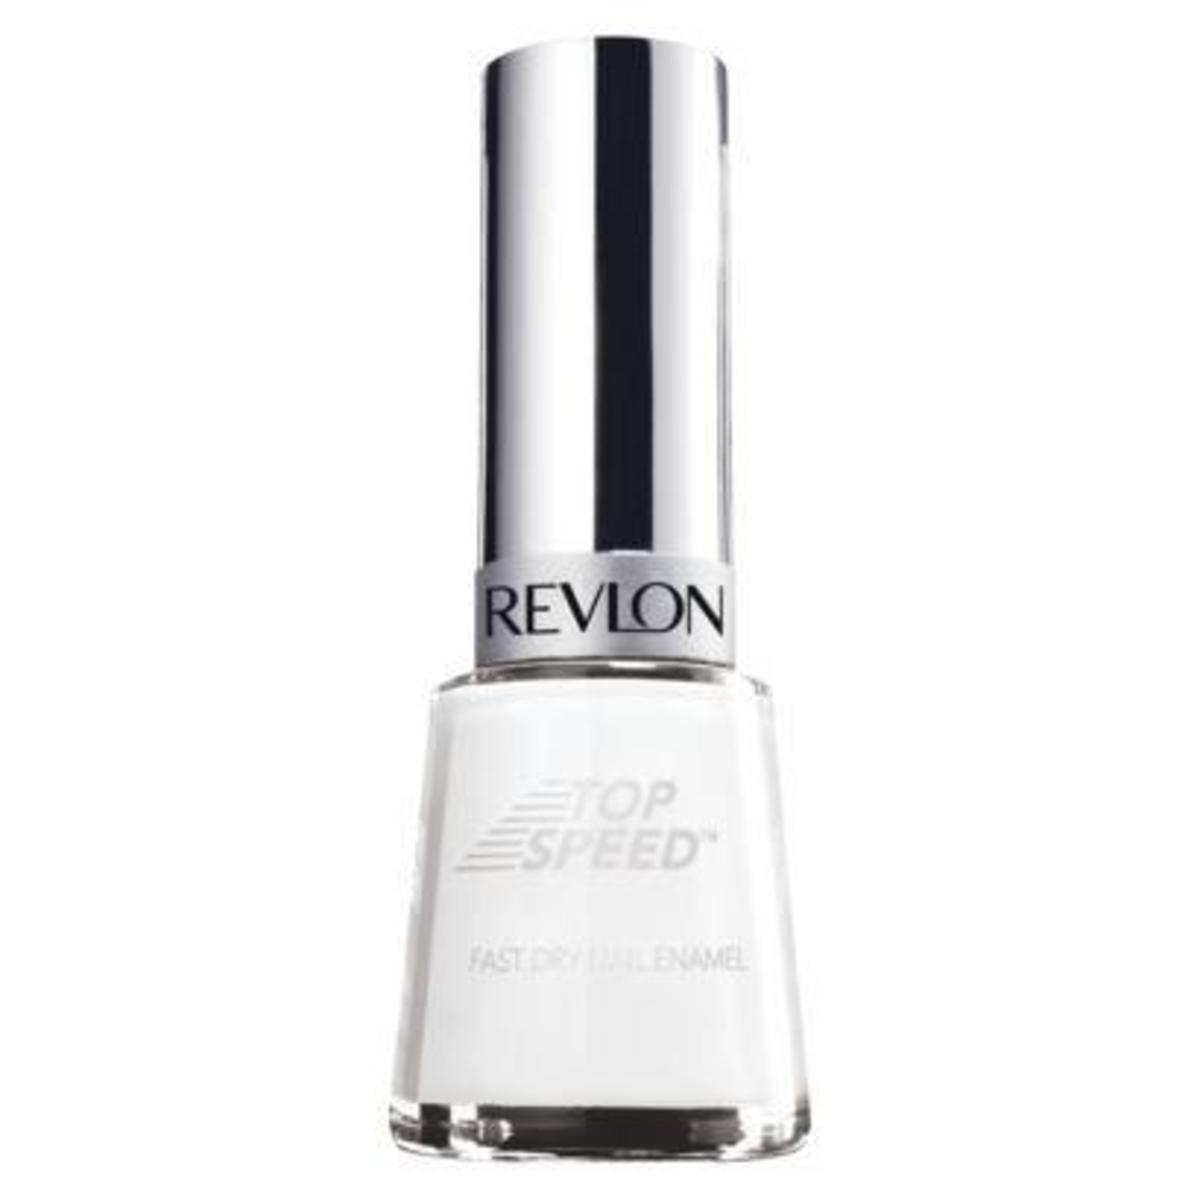 Revlon Top Speed Fast Drying Nail Enamel in Spirit